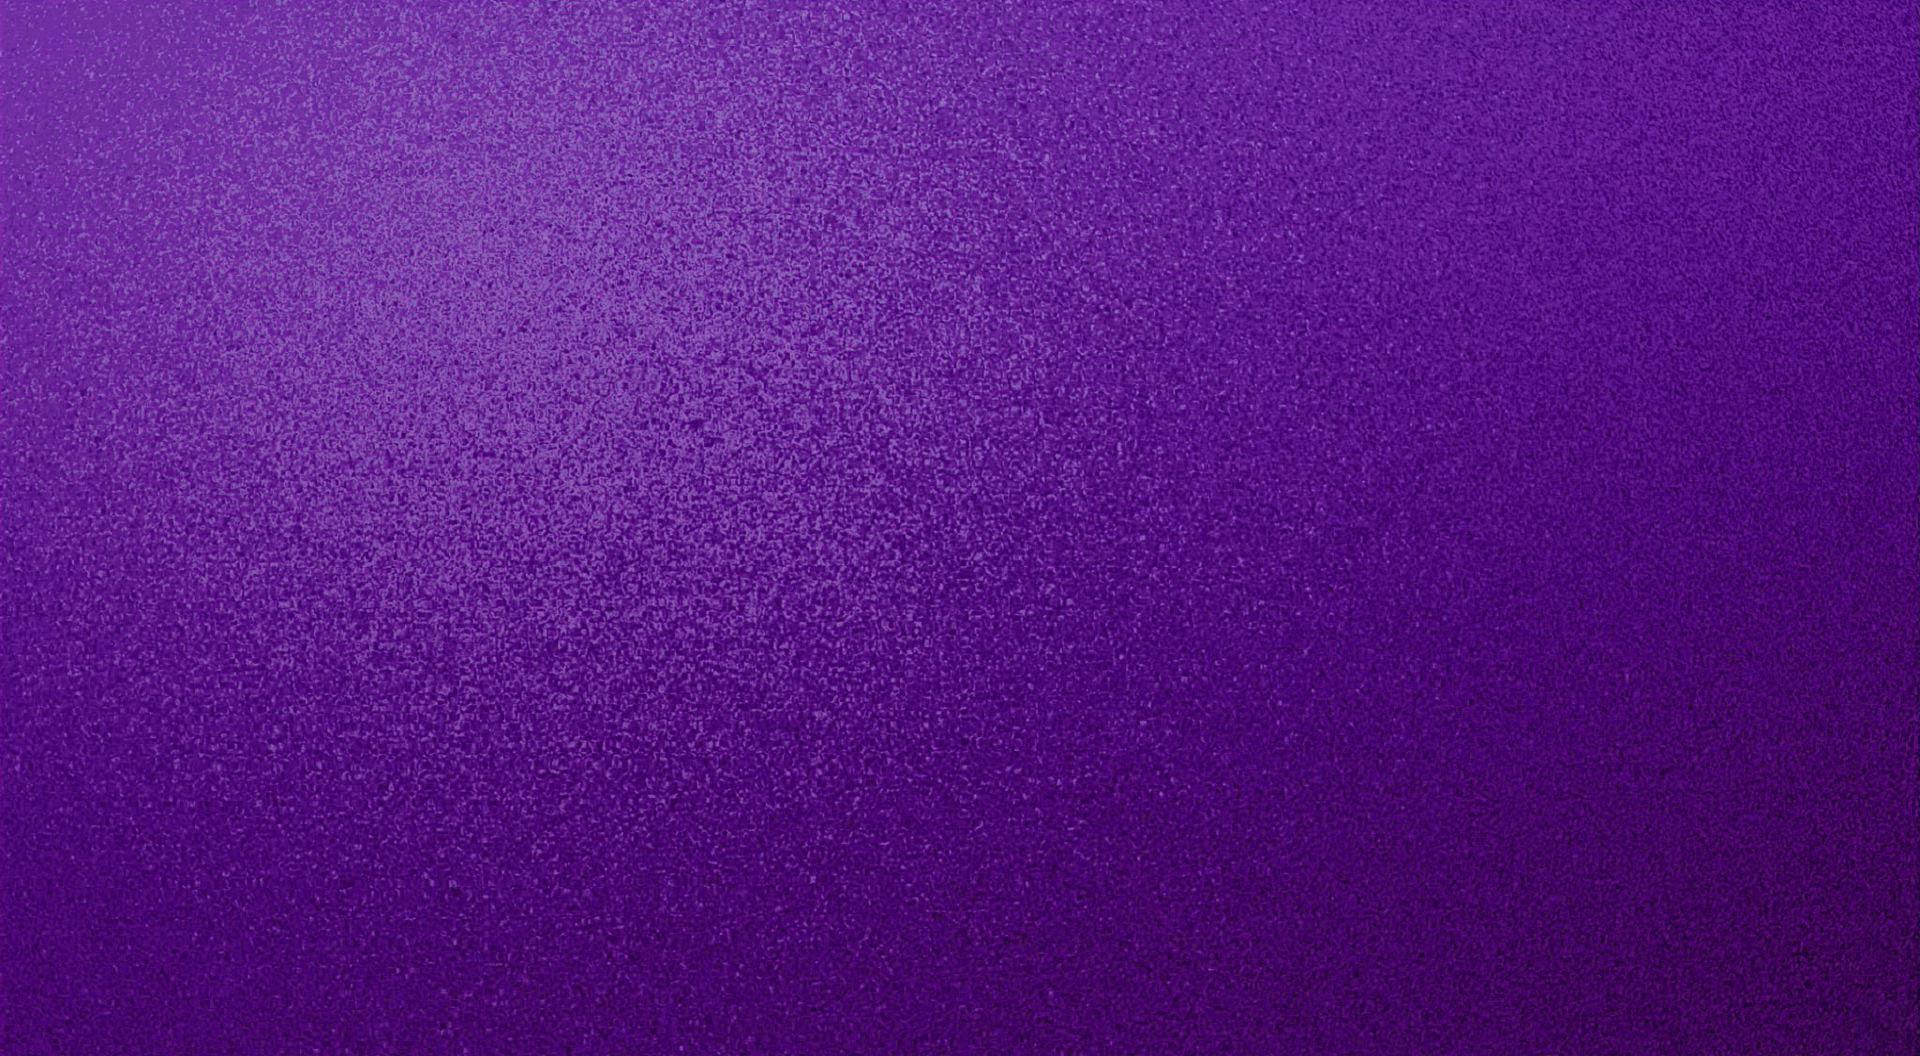 Violet purple textured speckled desktop background wallpaper for use 1920x1056